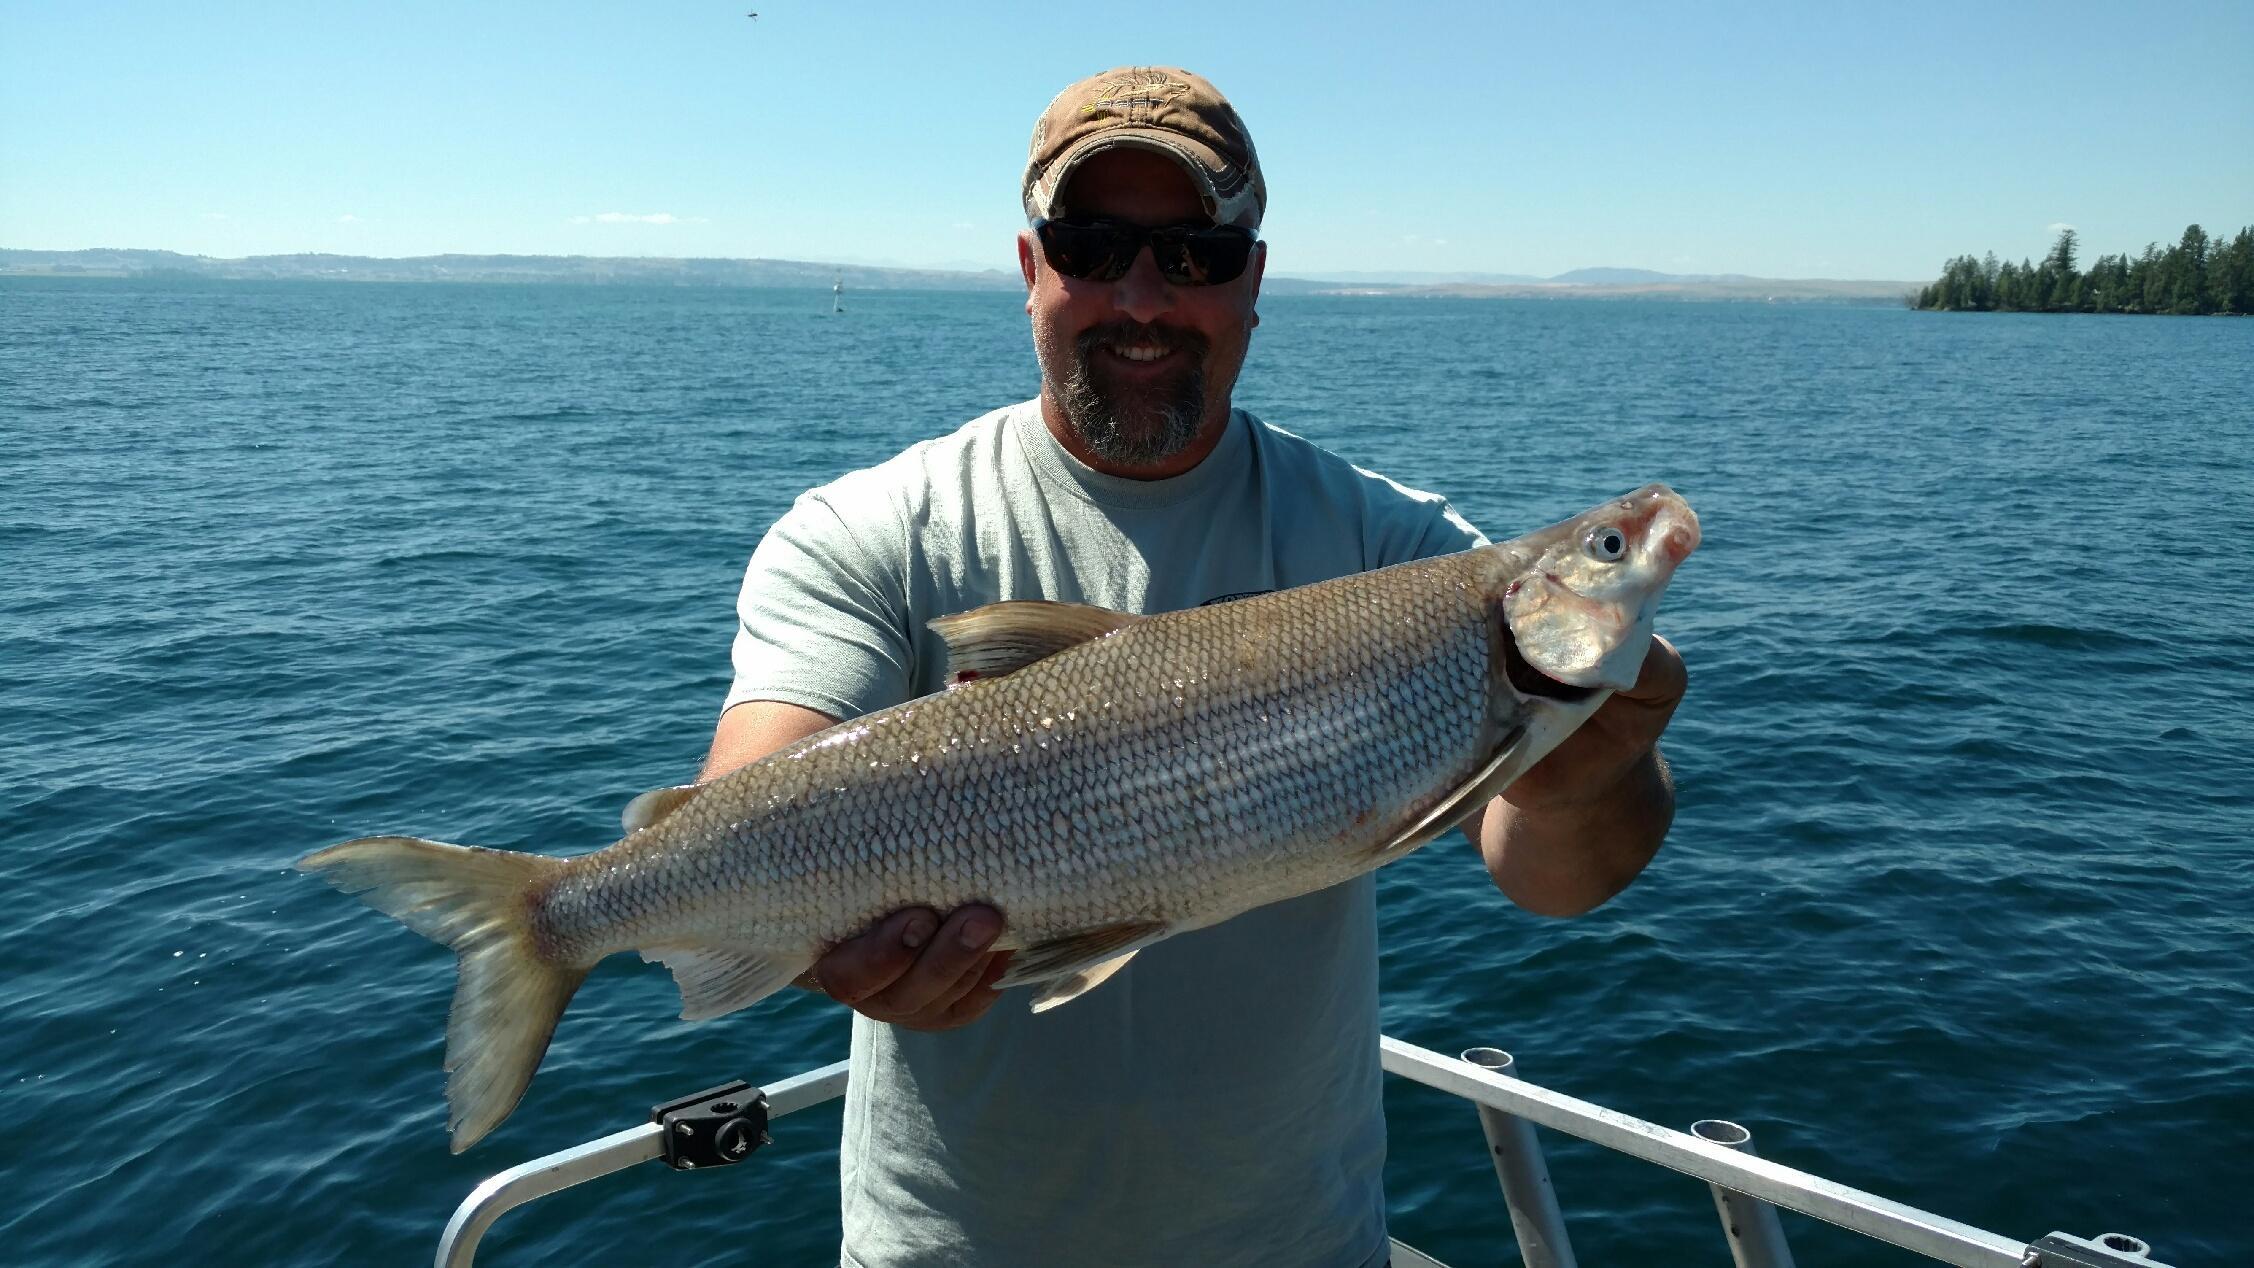 Whitefish fishing report at flathead lake for Whitefish montana fishing